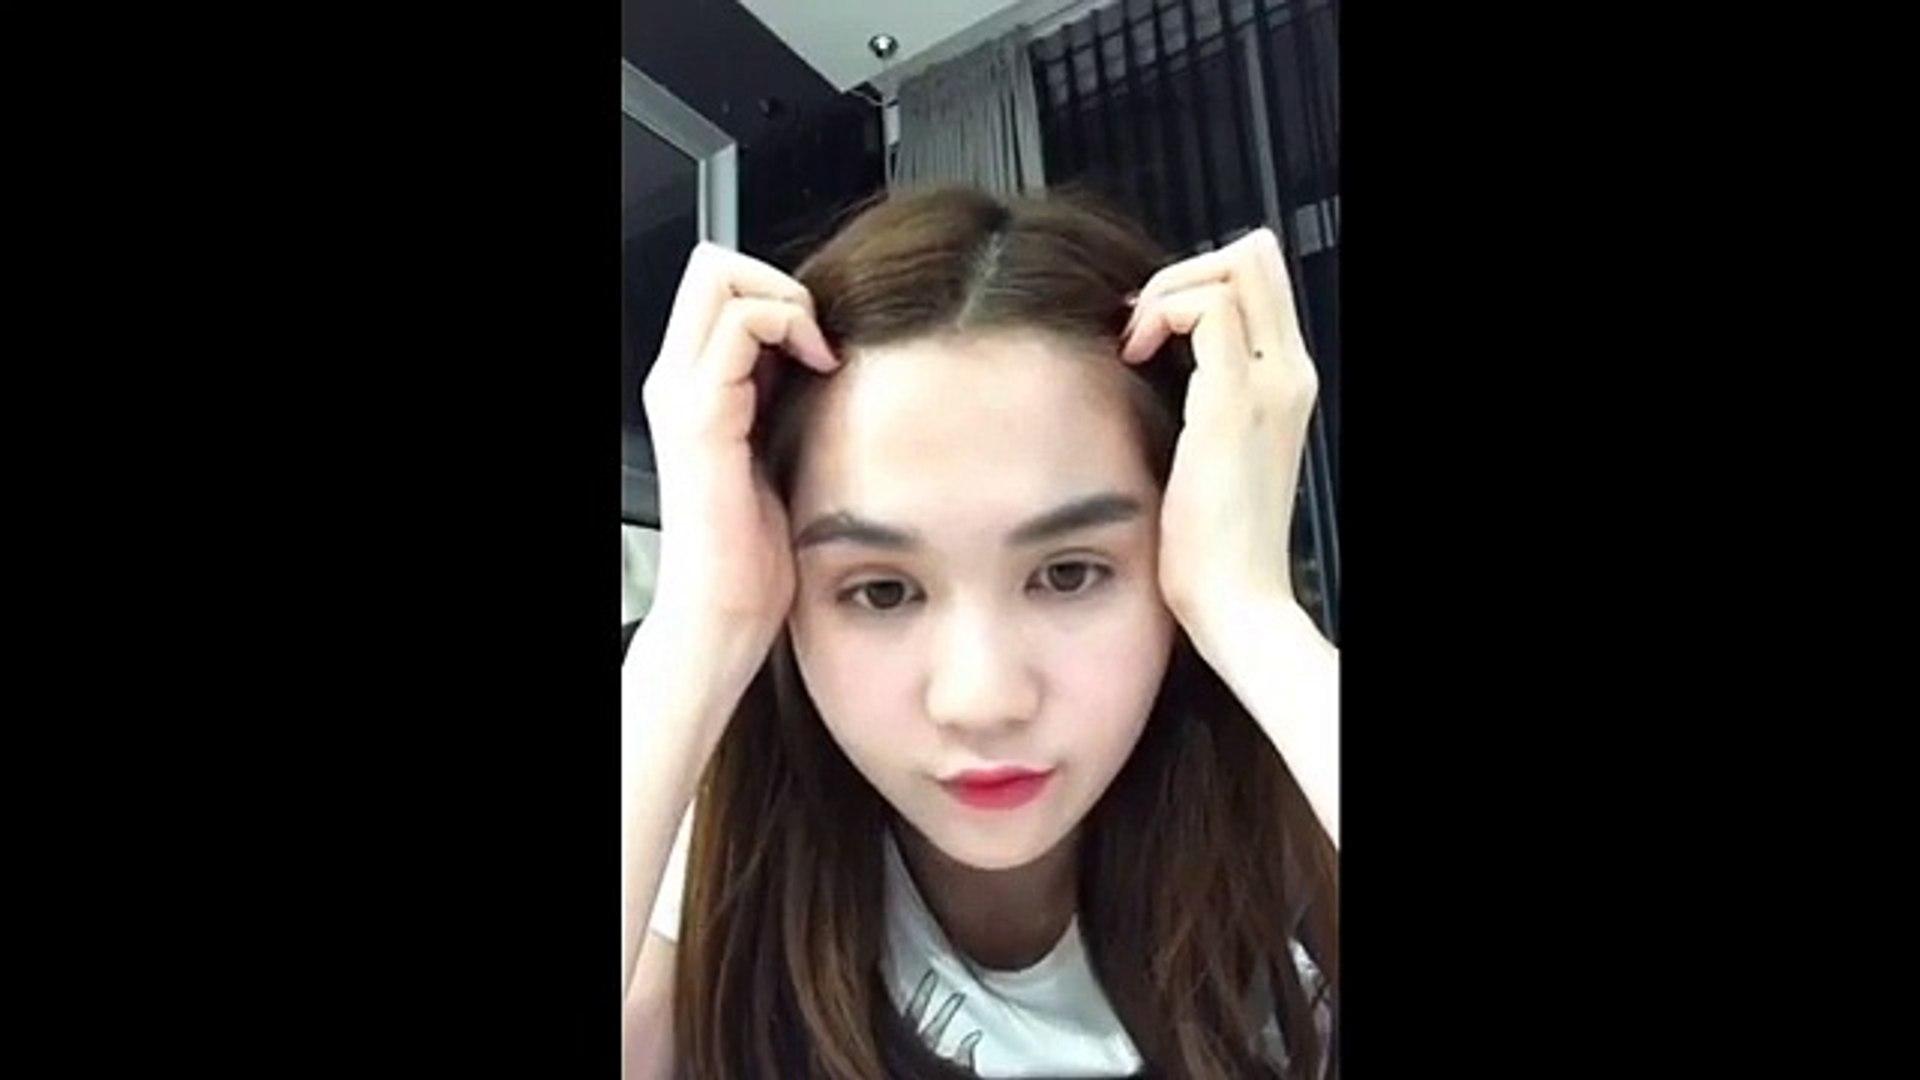 Ngọc Trinh live stream cởi đồ lộ hàng | Nữ hoàng nội y | Gái xinh